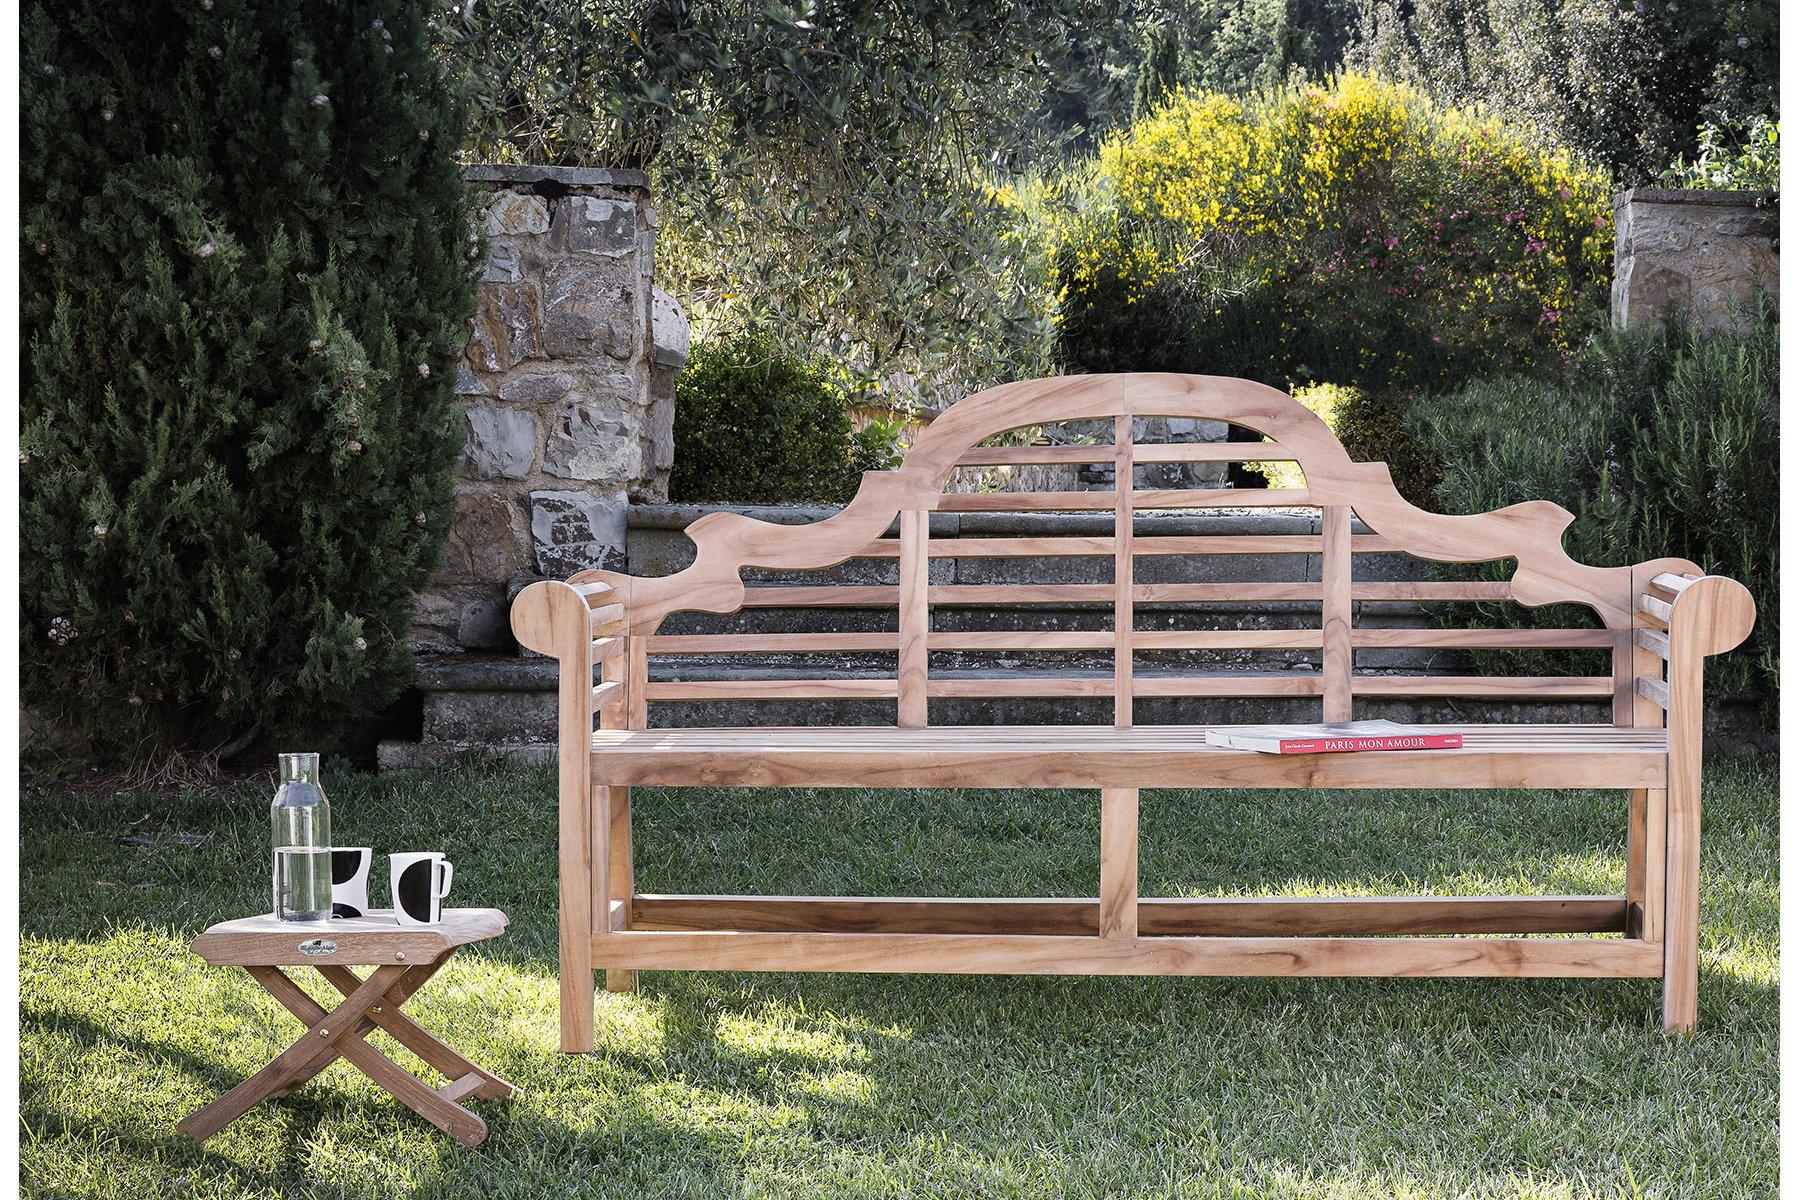 Visualizza dettagli panca inglese il giardino di legno - Panchine da giardino ikea ...